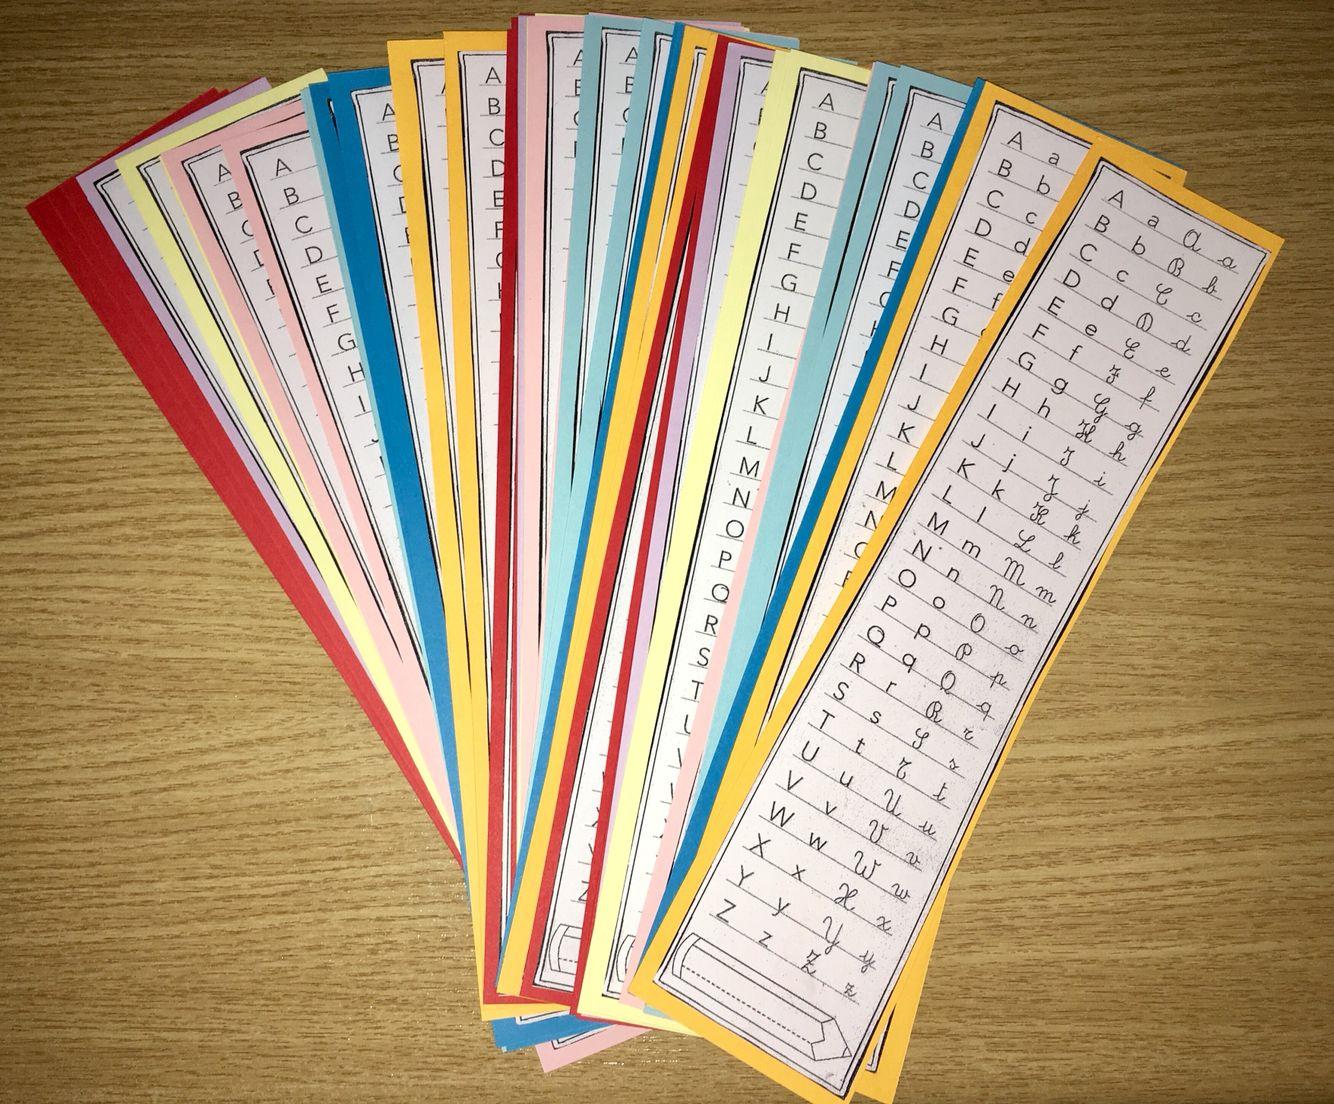 Segnalibro Bambini ~ Segnalibro con tutti i caratteri leggiamo scriviamo